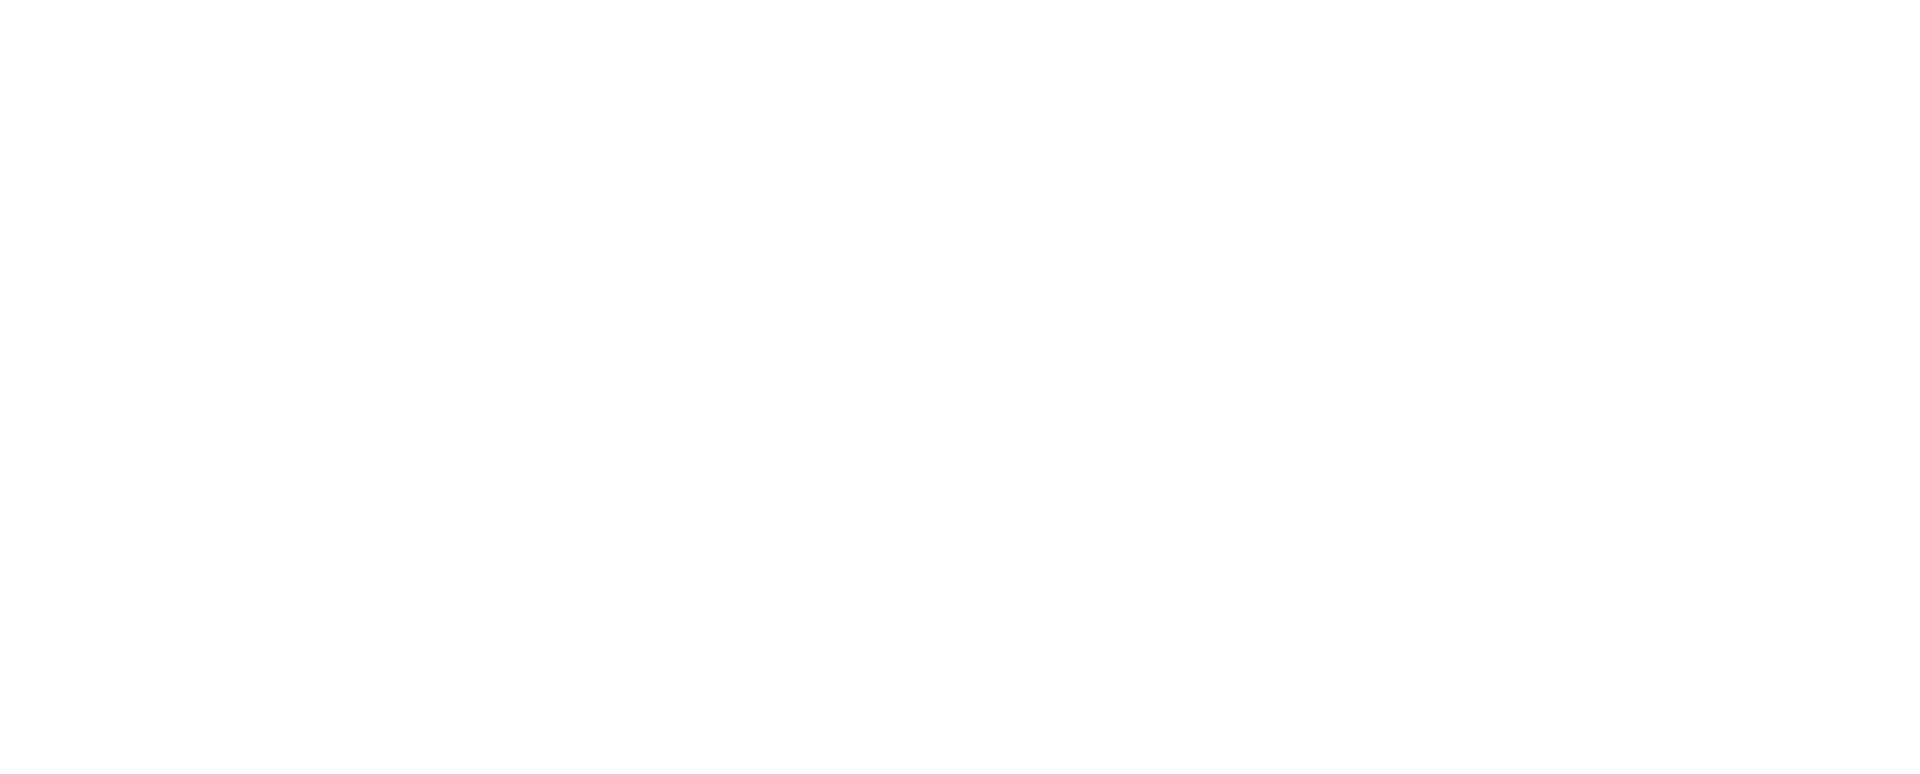 pl-holder-1920-774